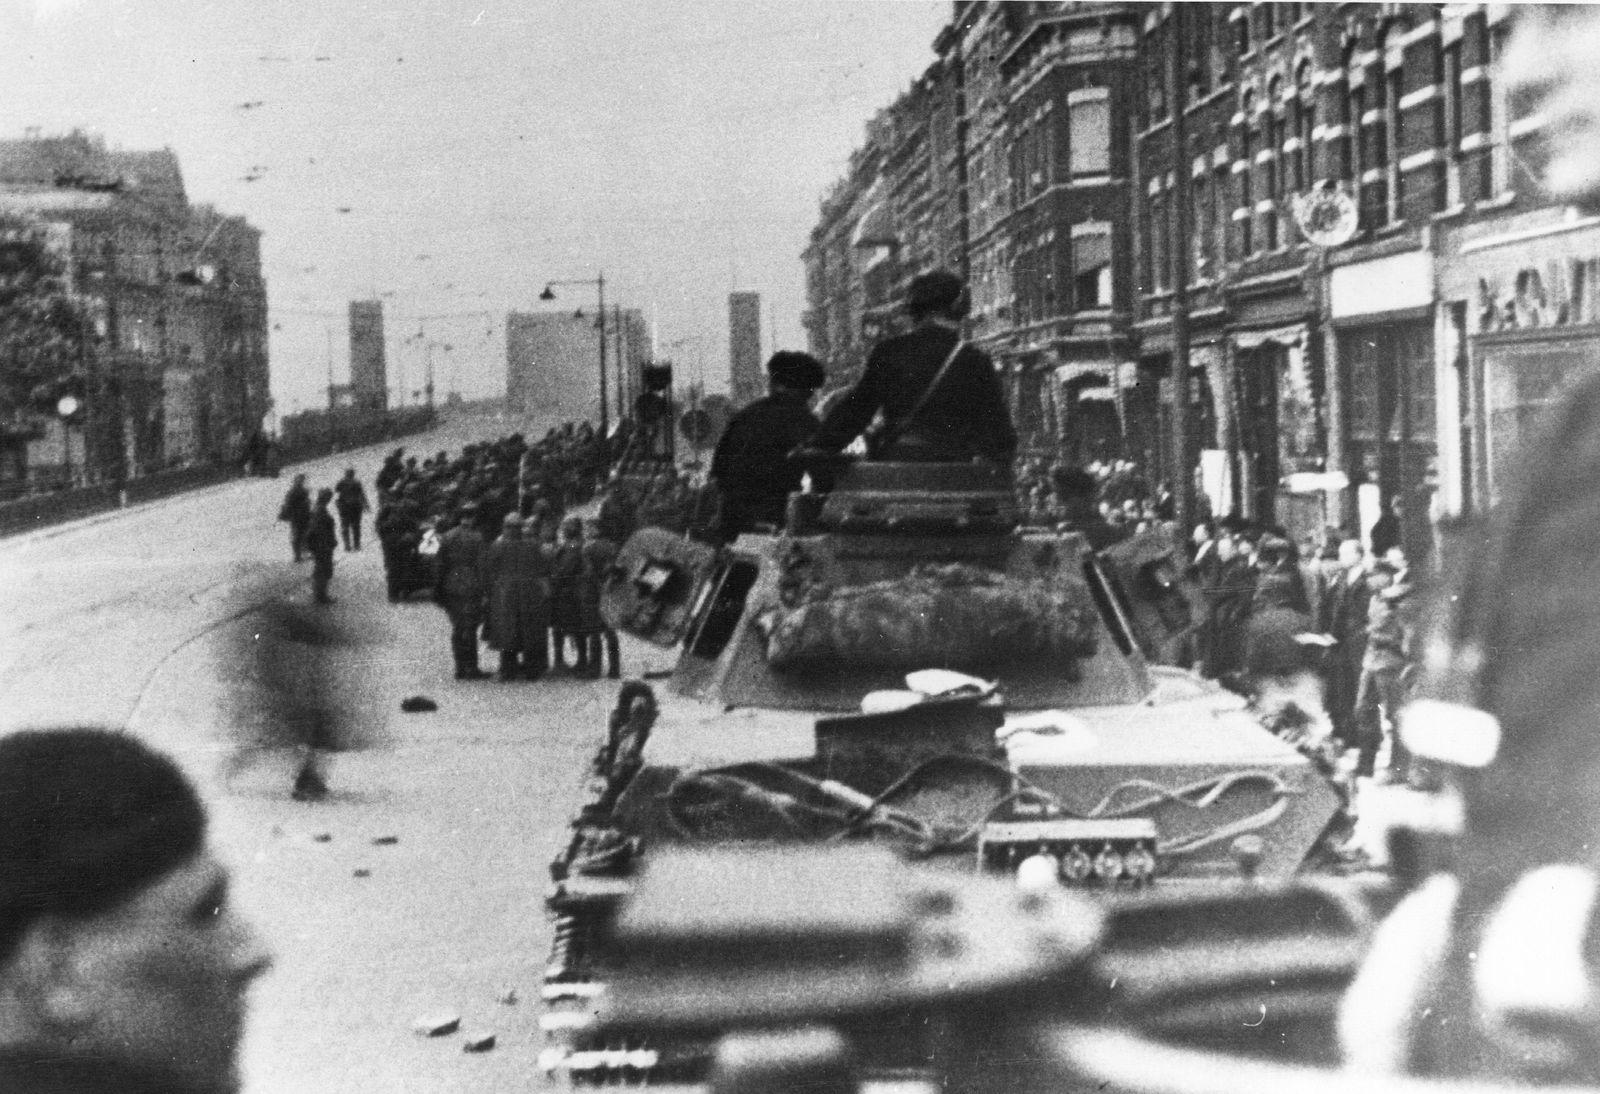 Einzug der deutschen Truppen in Rotterdam, 1940